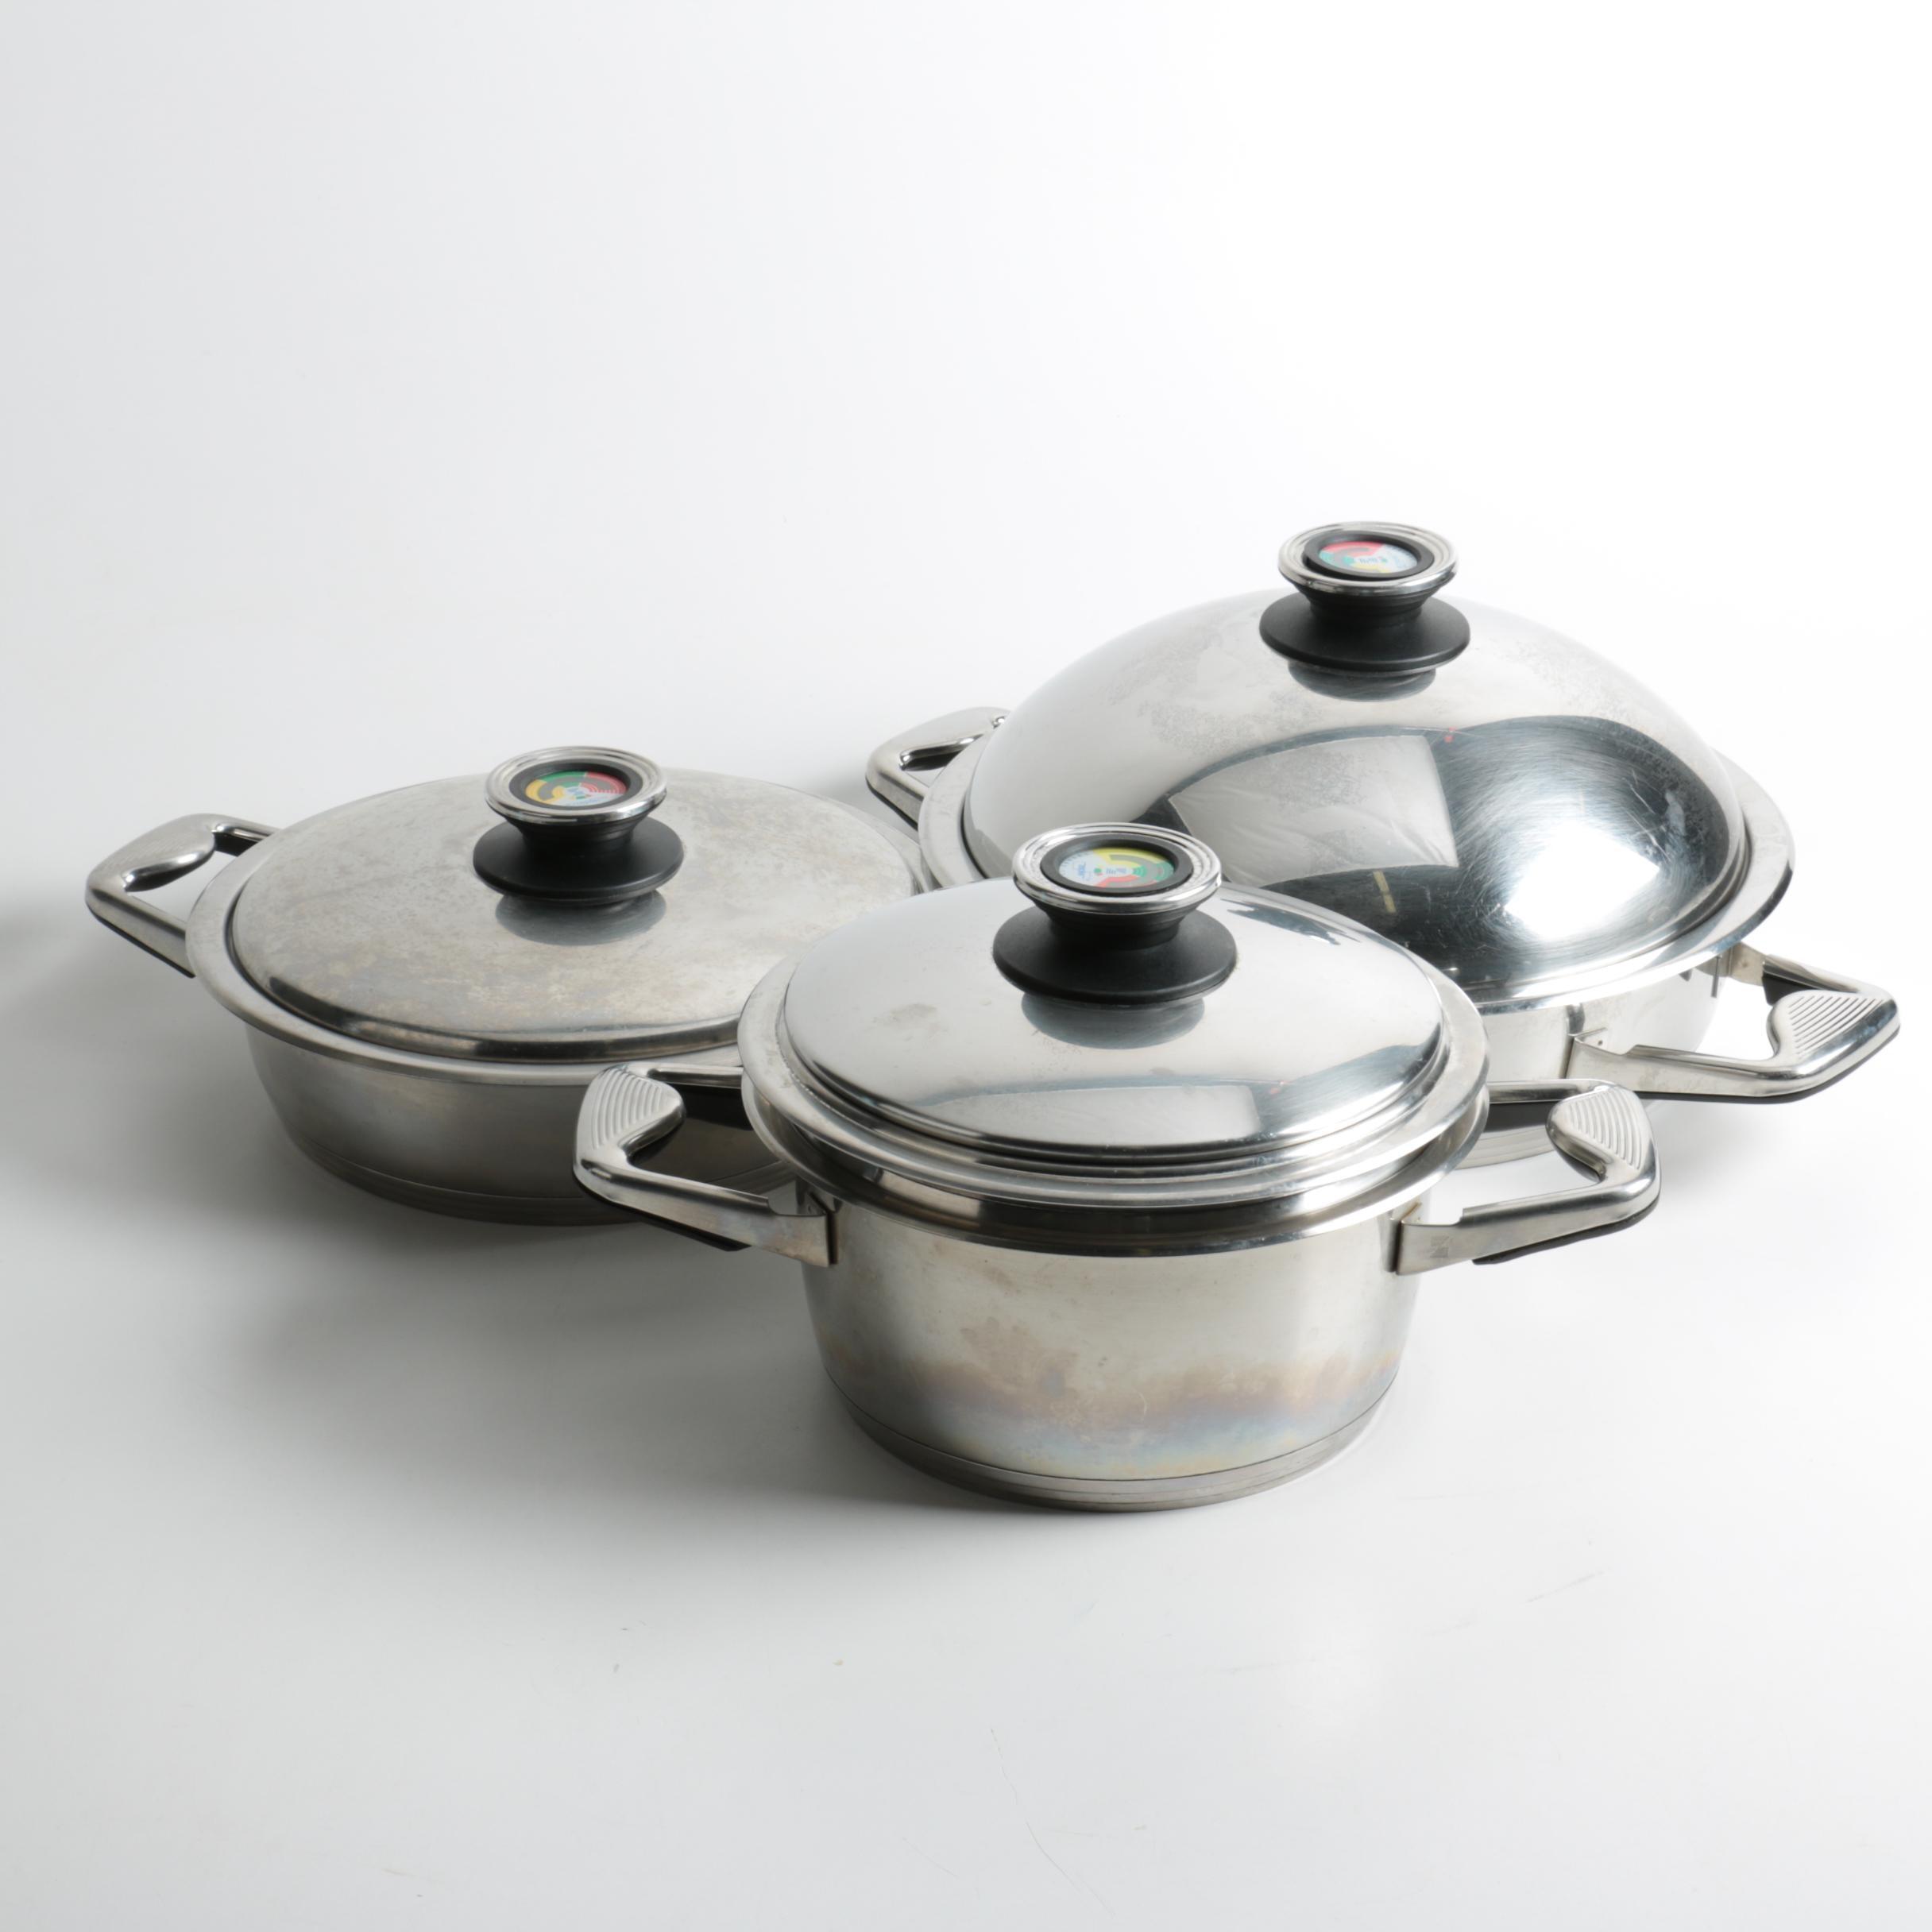 Zepter Cookware